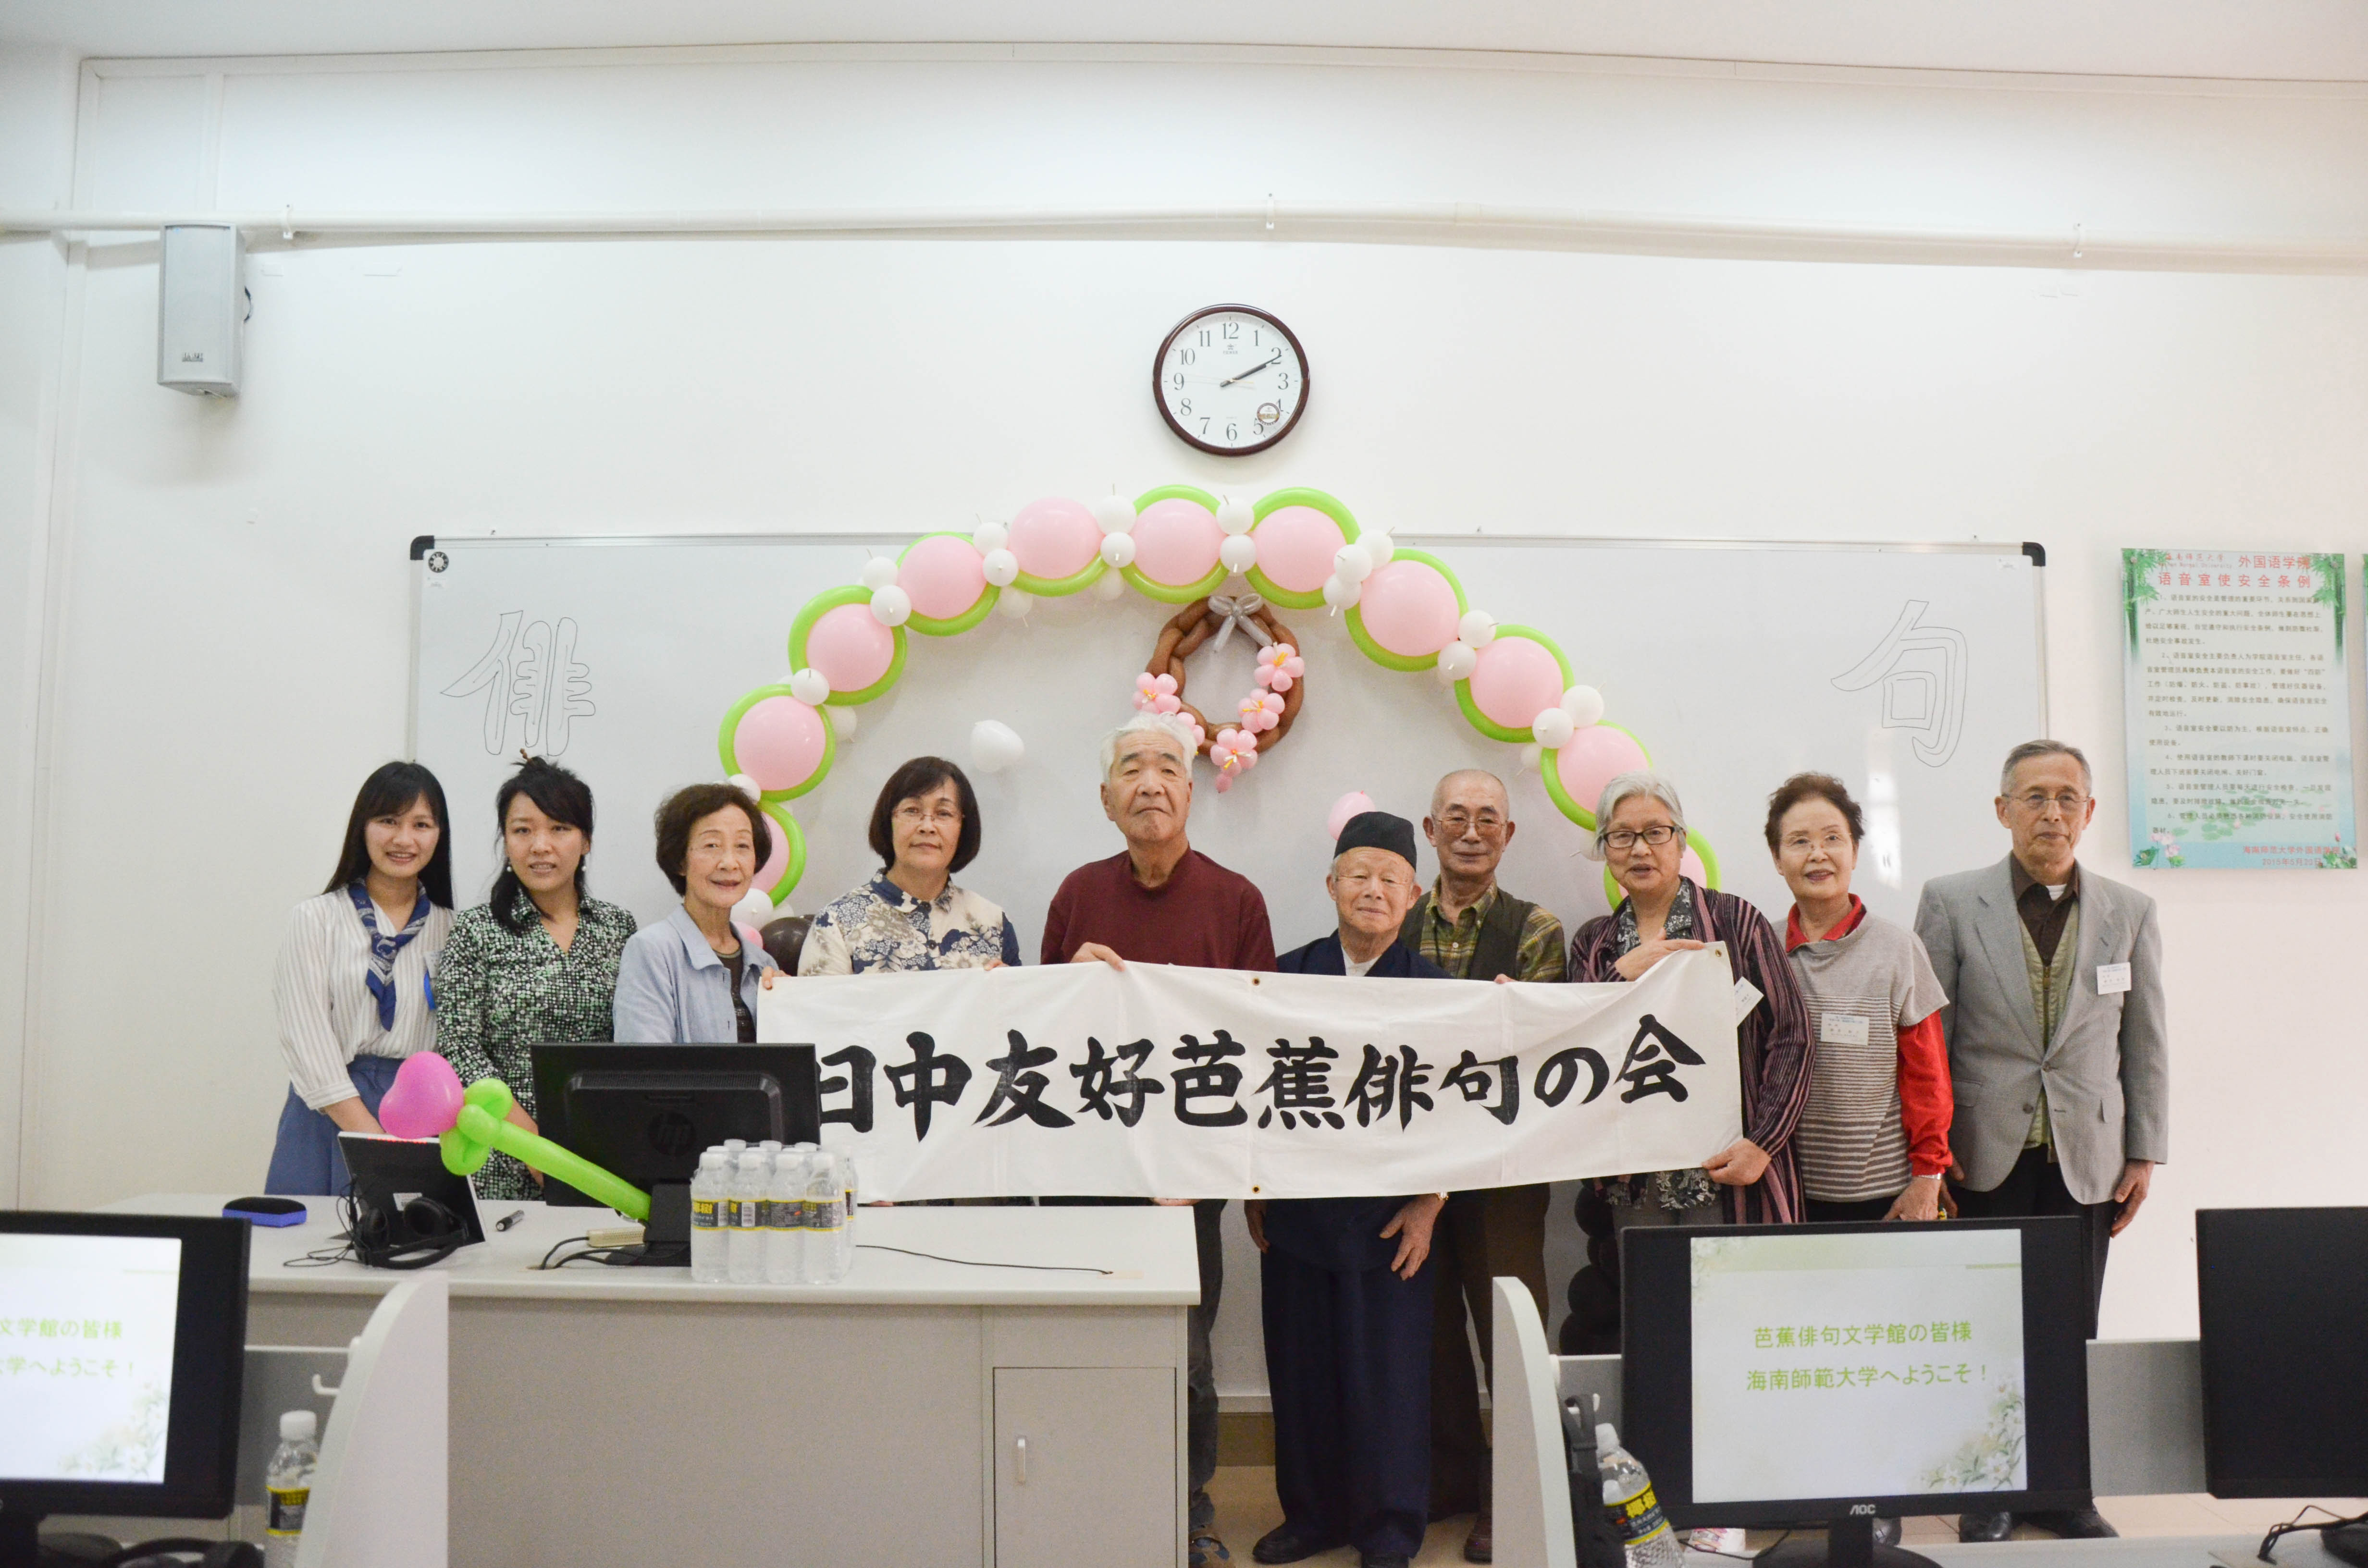 外国语学院举办俳句的学习与交流